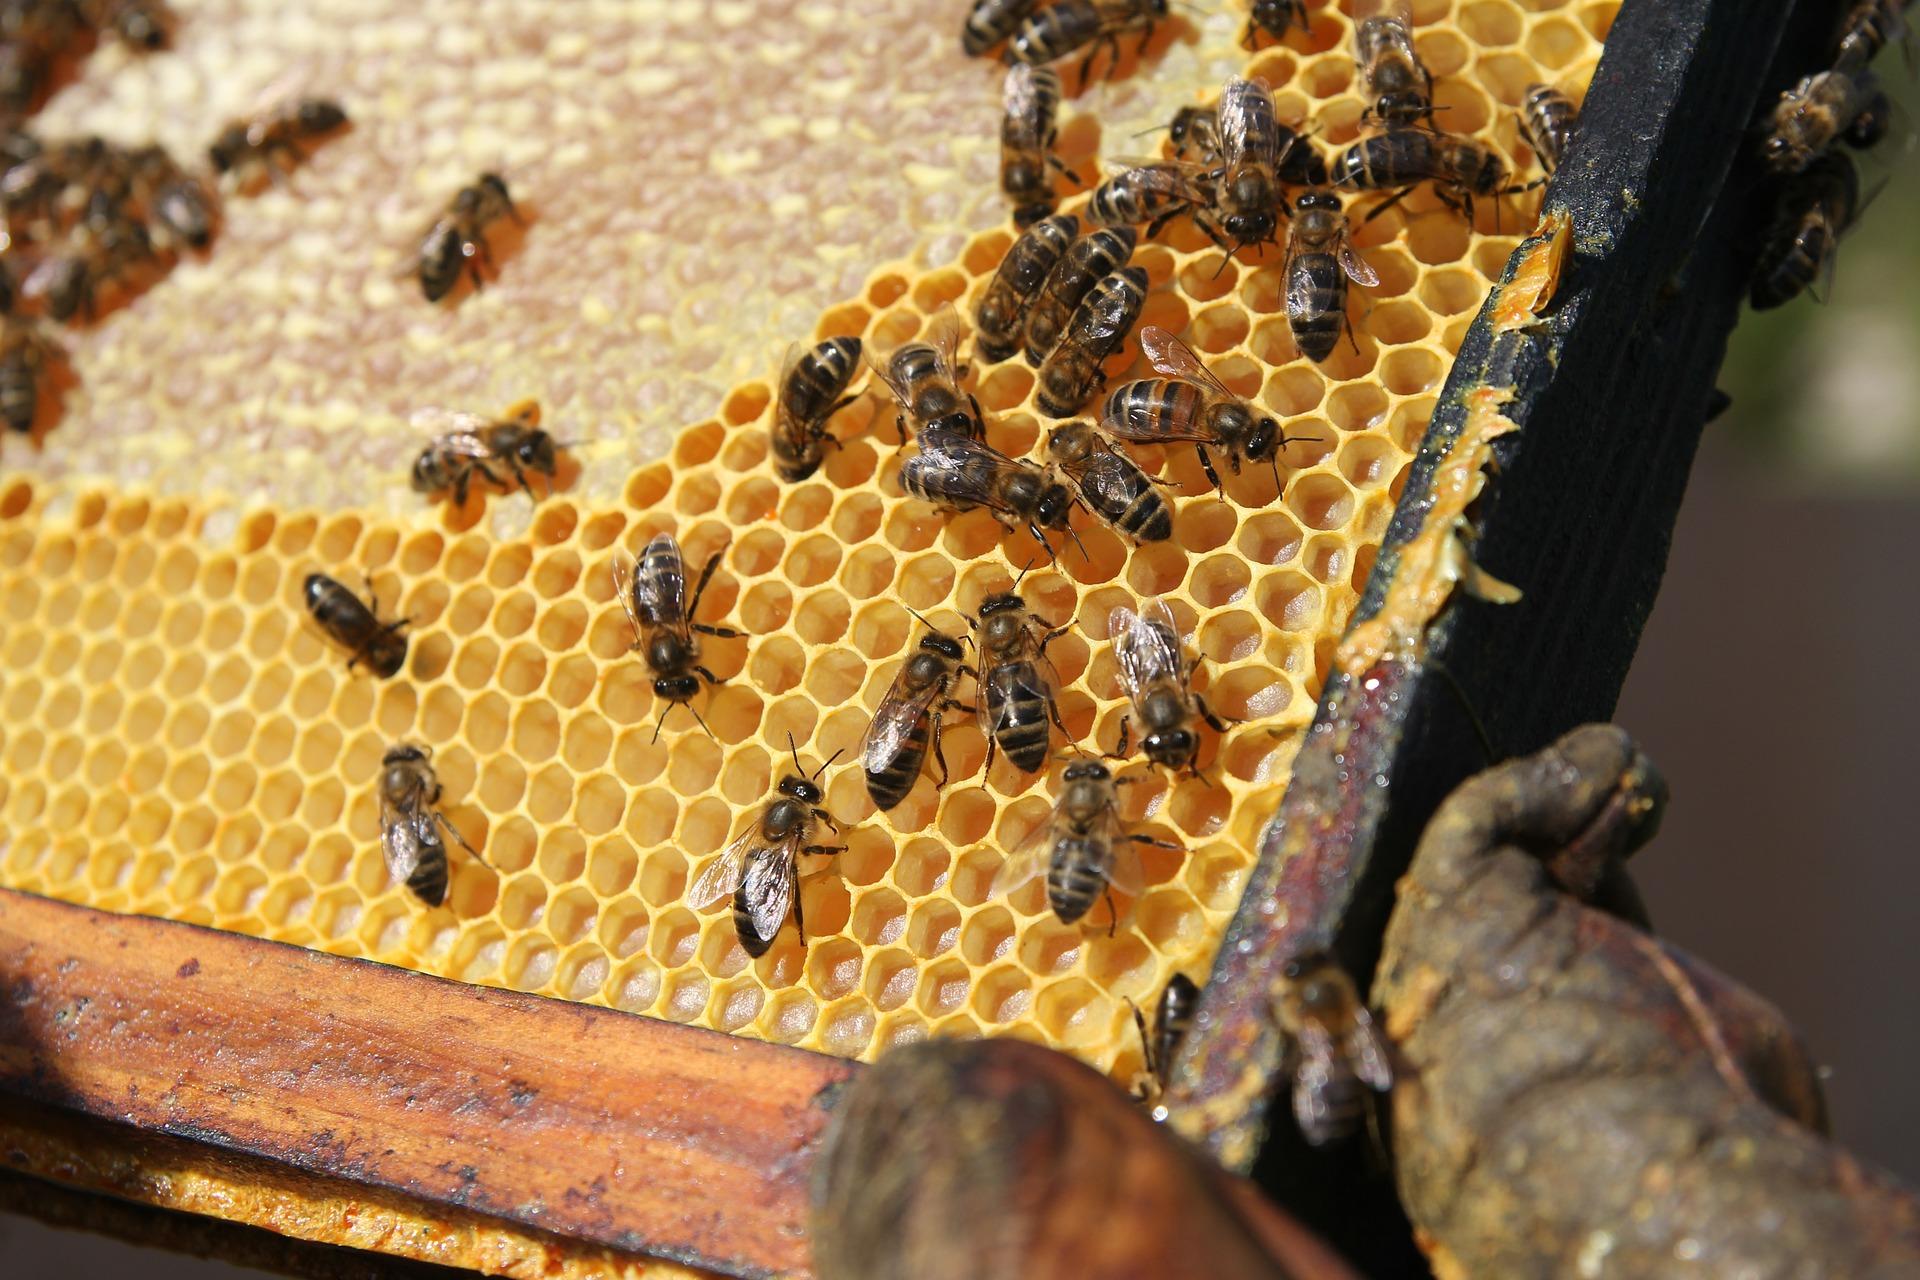 Попит на продукти бджільництва в Україні зріс у 2,5 рази — експерт